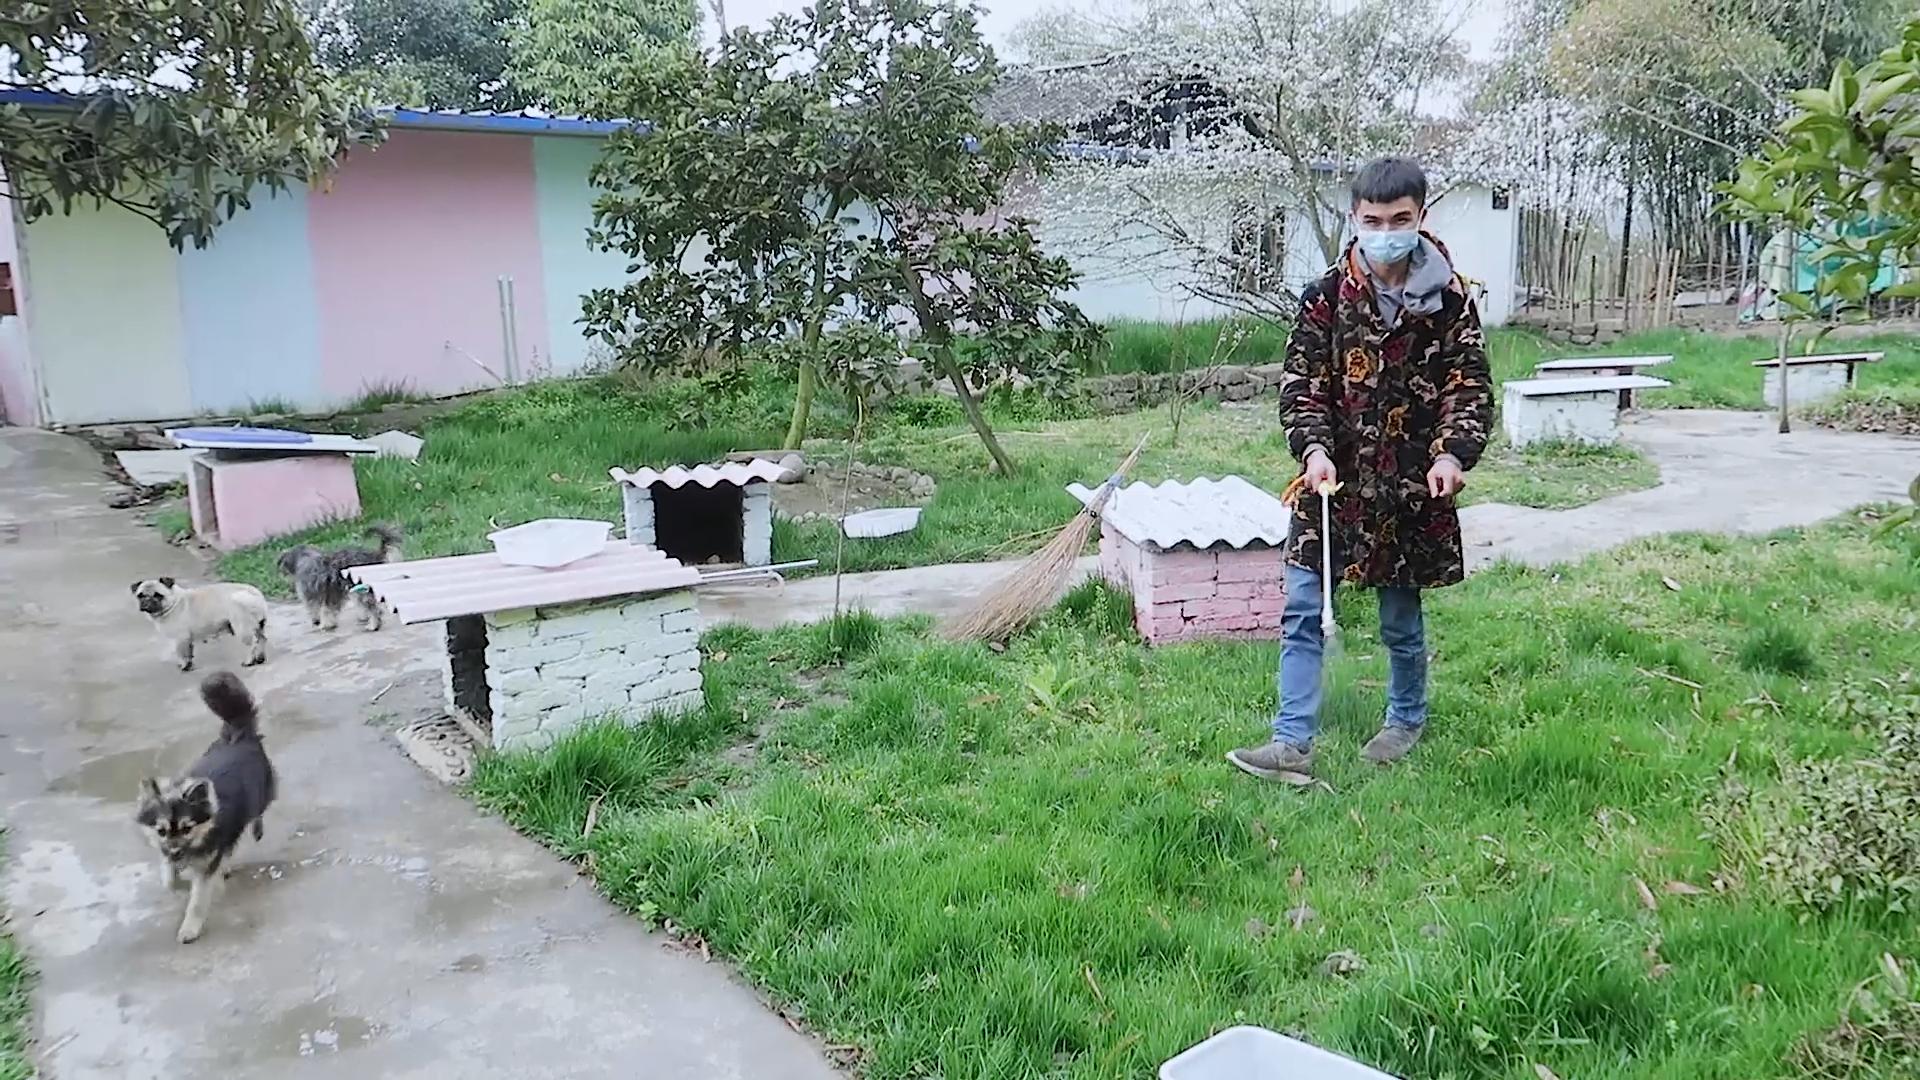 救助站日常:疫情期间对狗舍全面消毒,确保狗子们健康